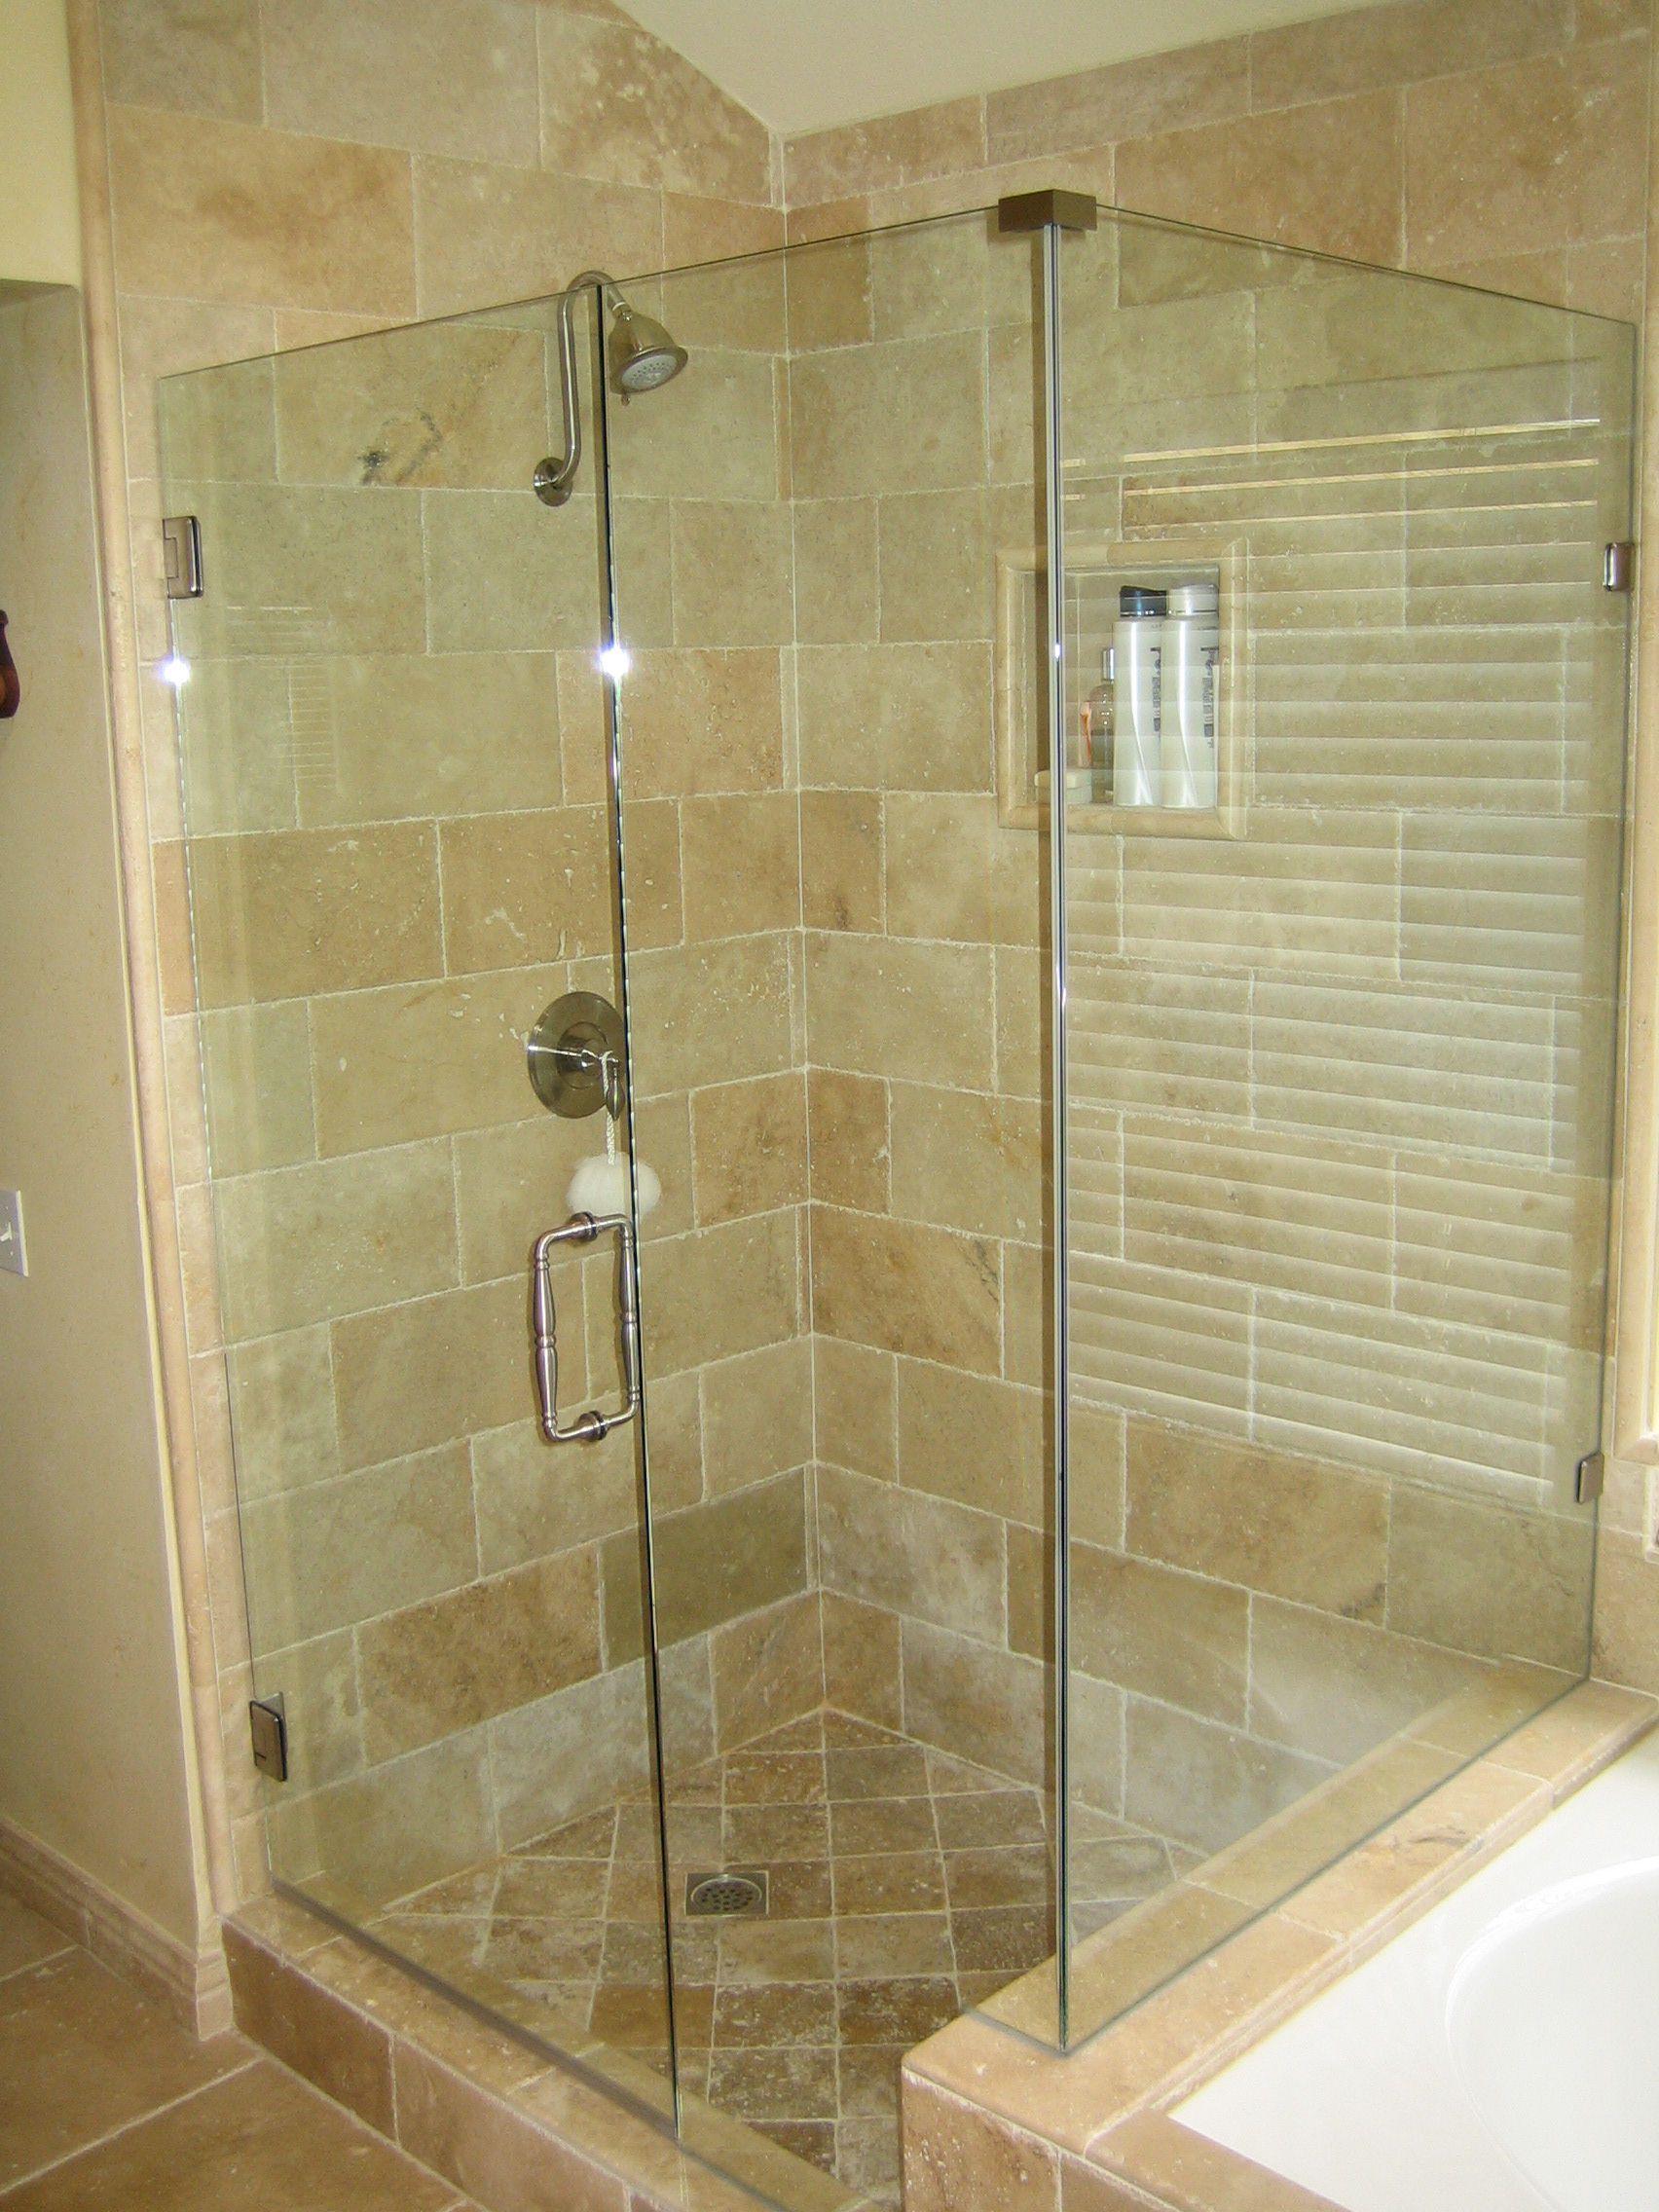 Glas, Rahmenlose Dusche Türen für Ihr Bad Renovieren